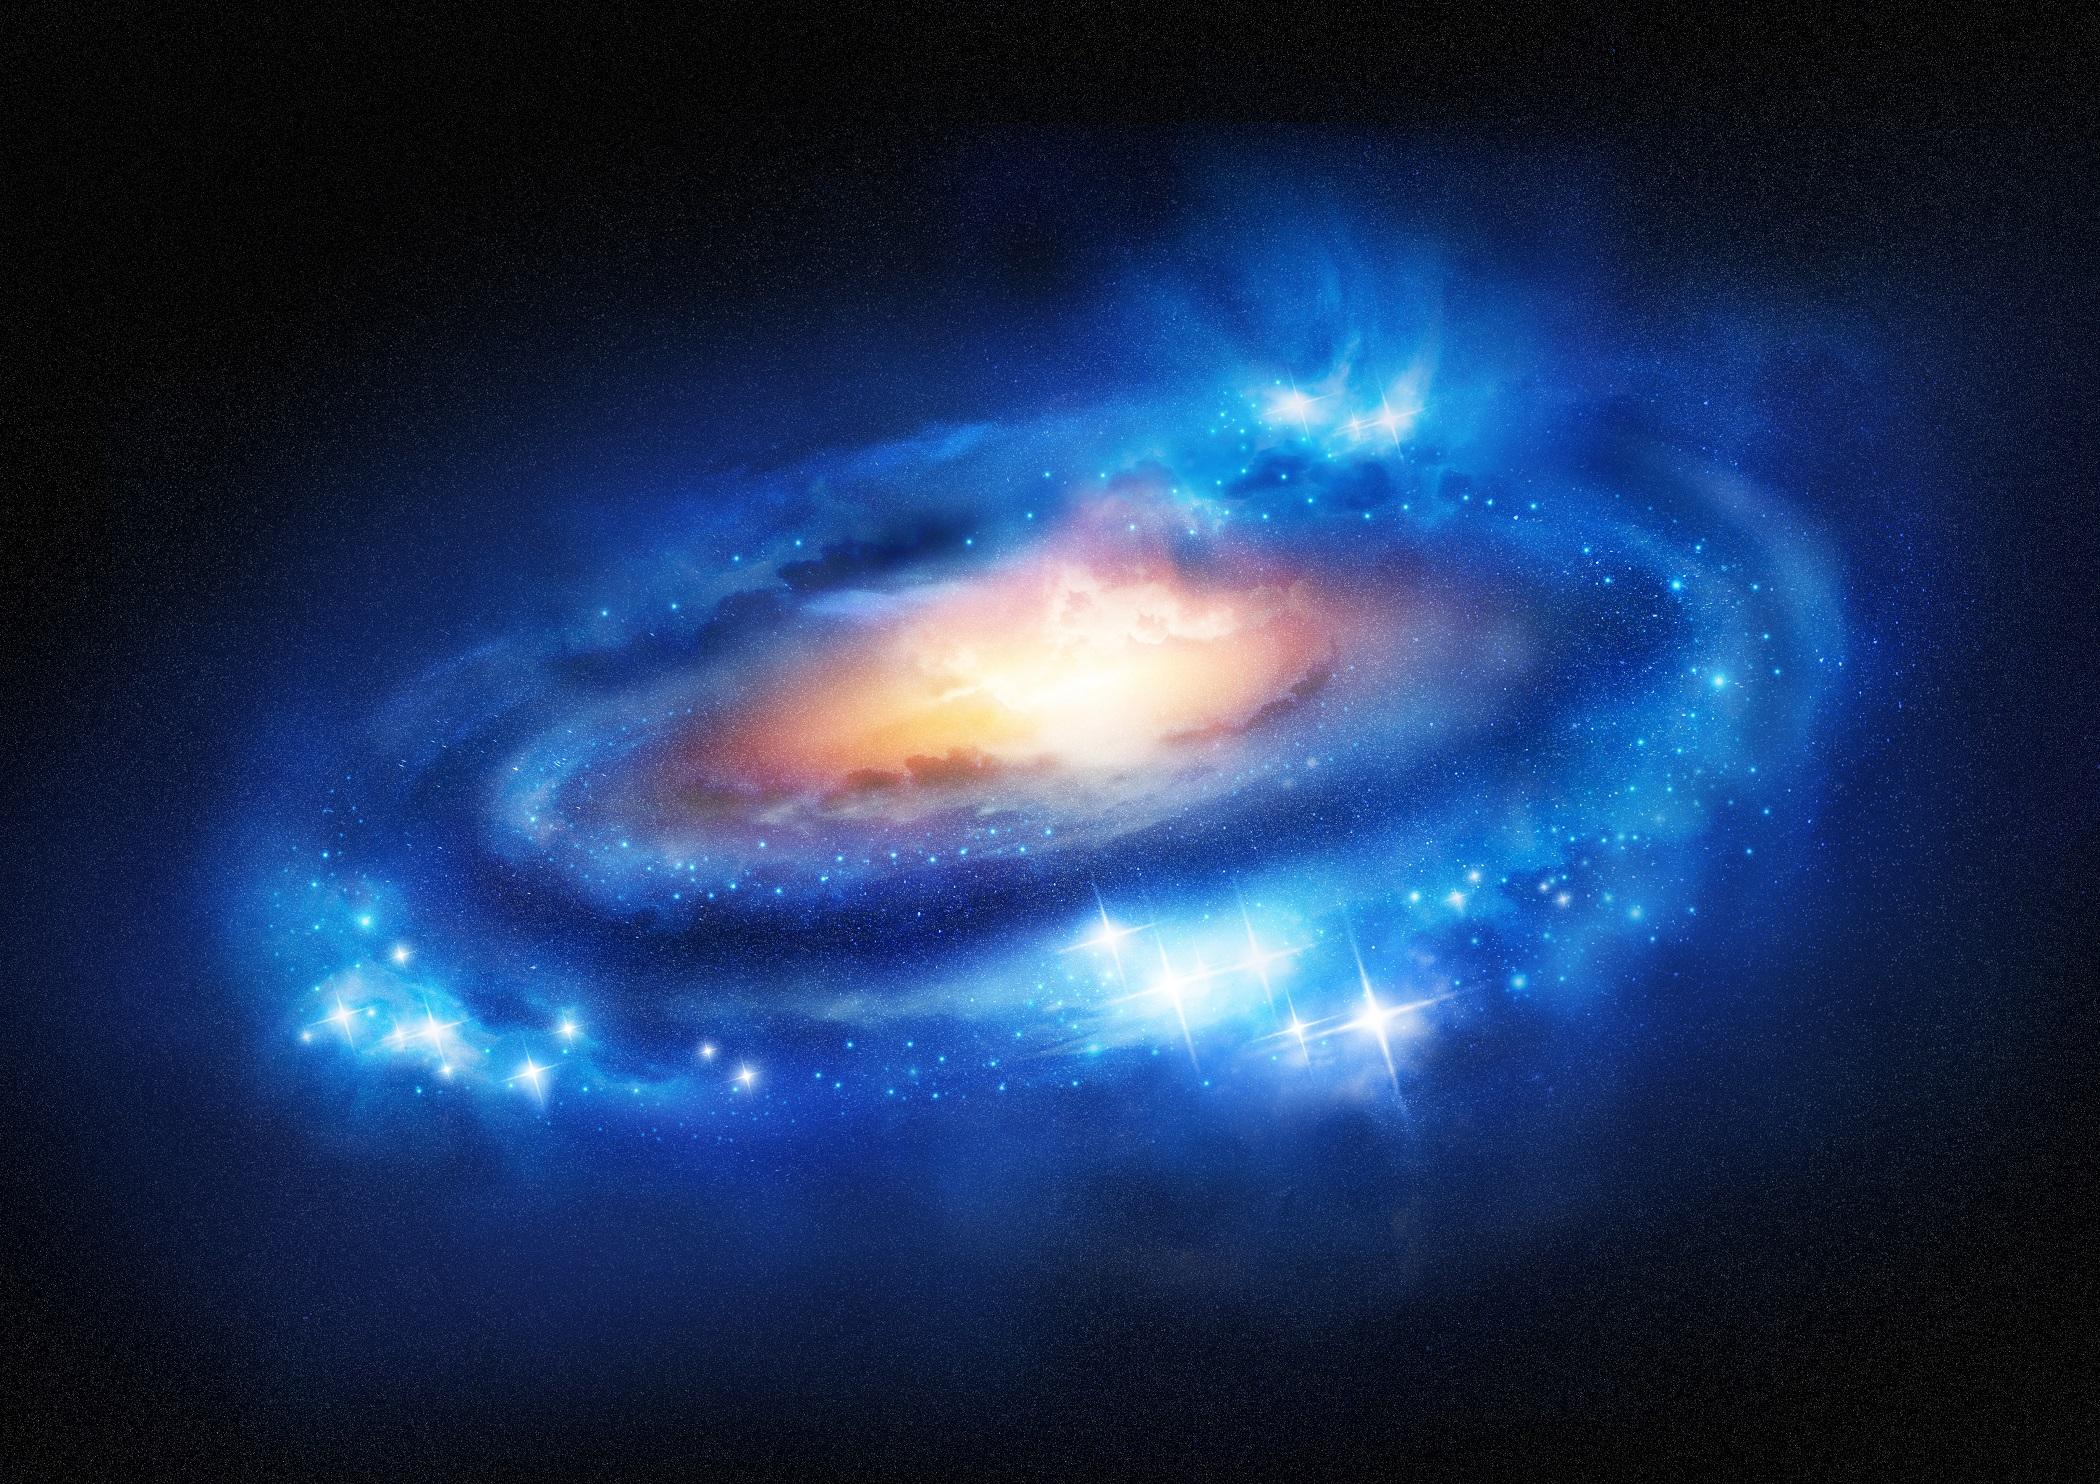 最精確宇宙物質總量佔比揭曉 暗能量佔69%